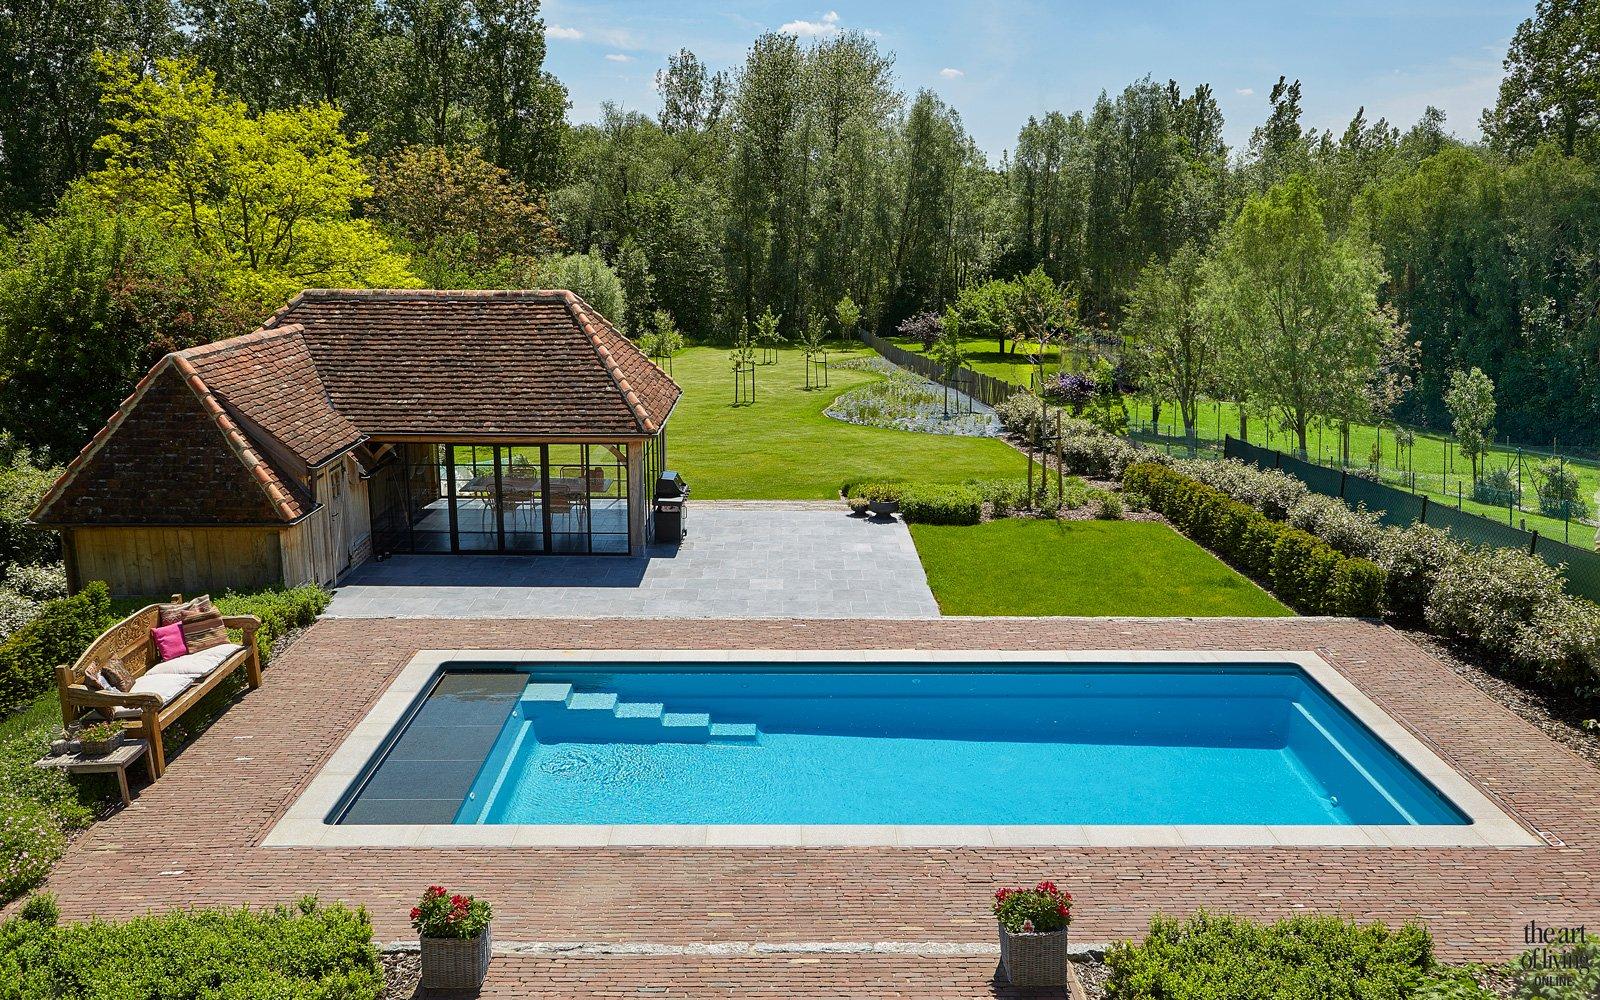 Zwembad, Leisure Pools, poolhouse, eikenhout, tuin UNITAS